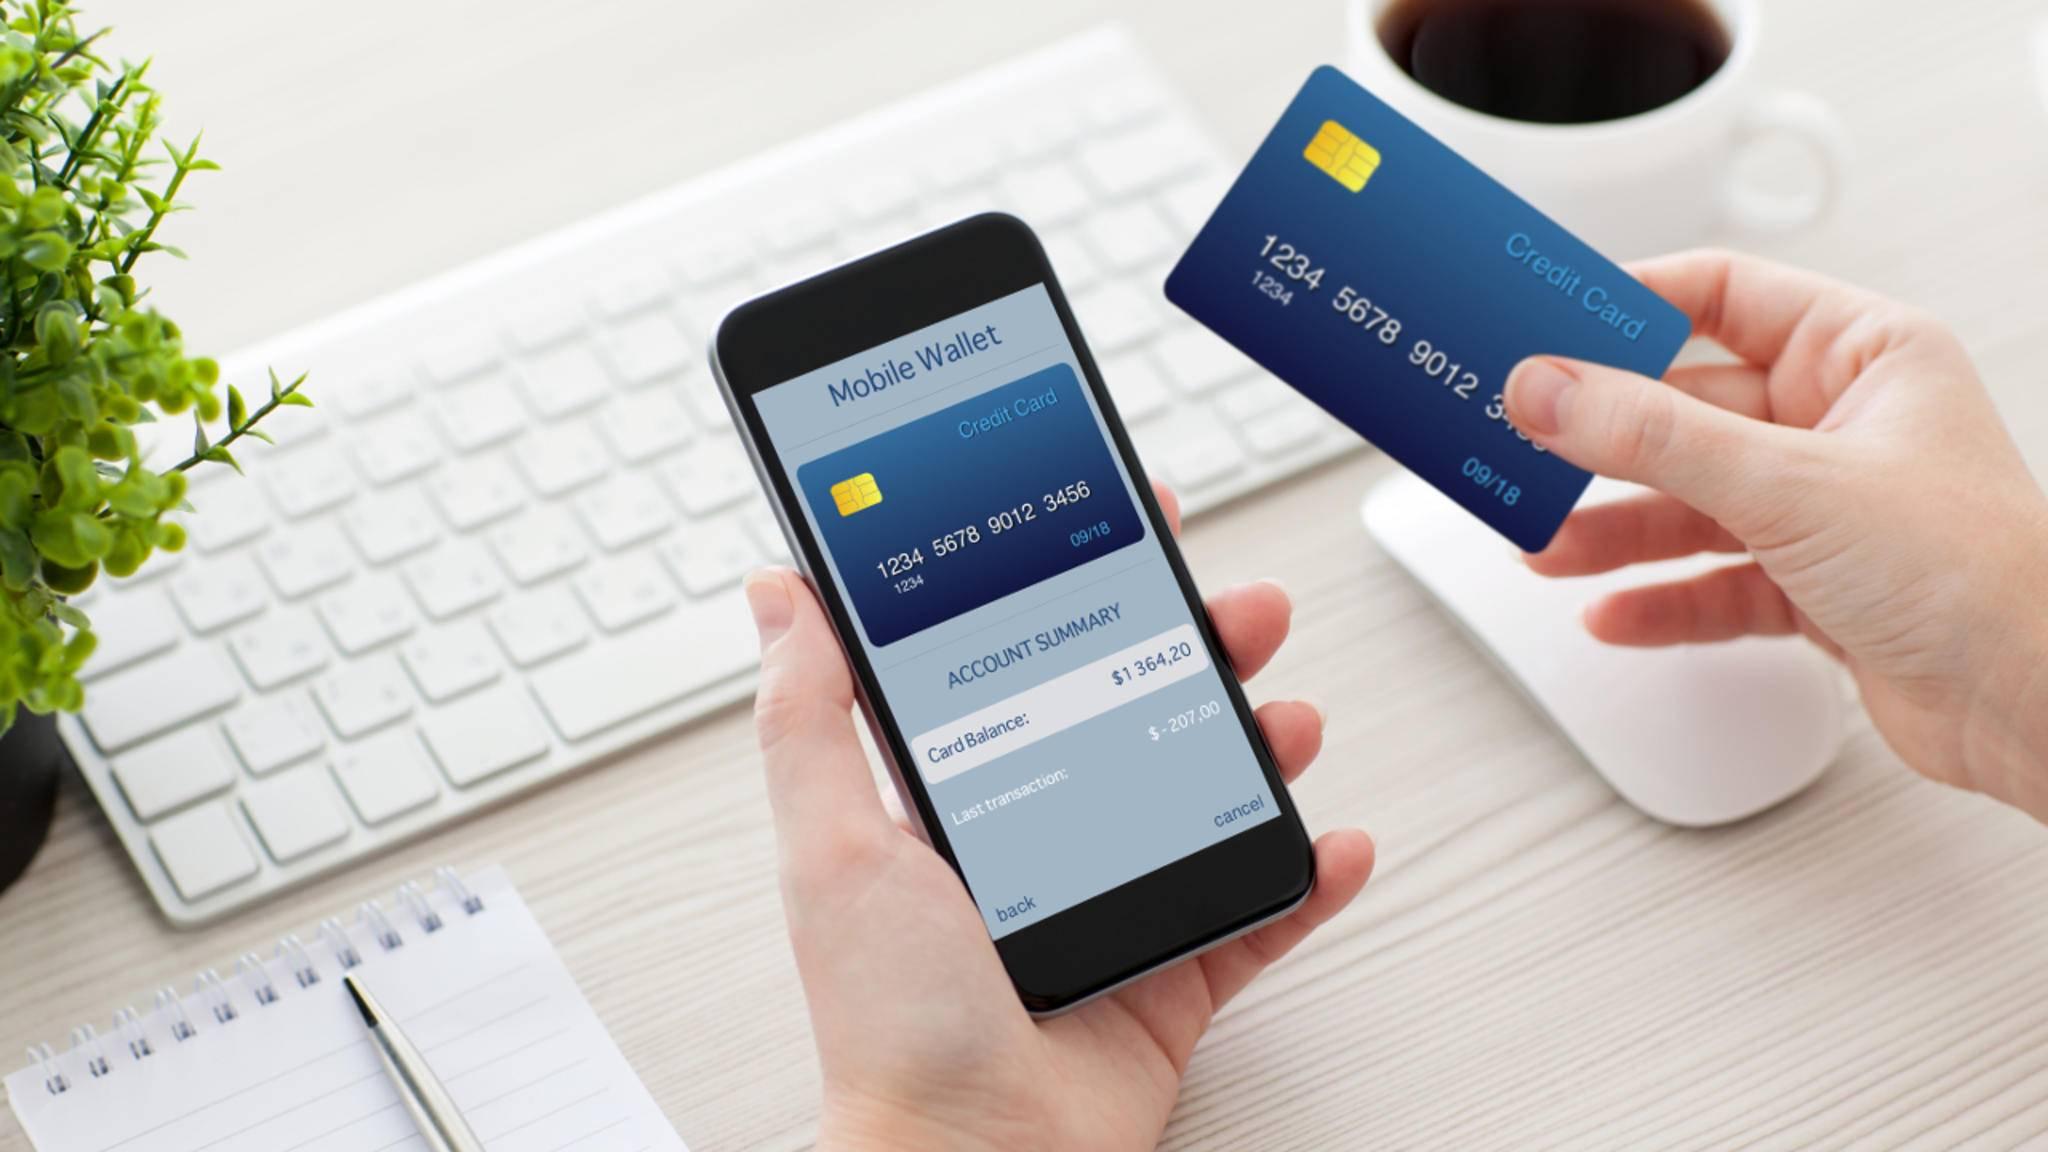 Mit der Wallet-App kannst Du Kino- oder Bordkarten einfach digital auf dem iPhone vorzeigen,